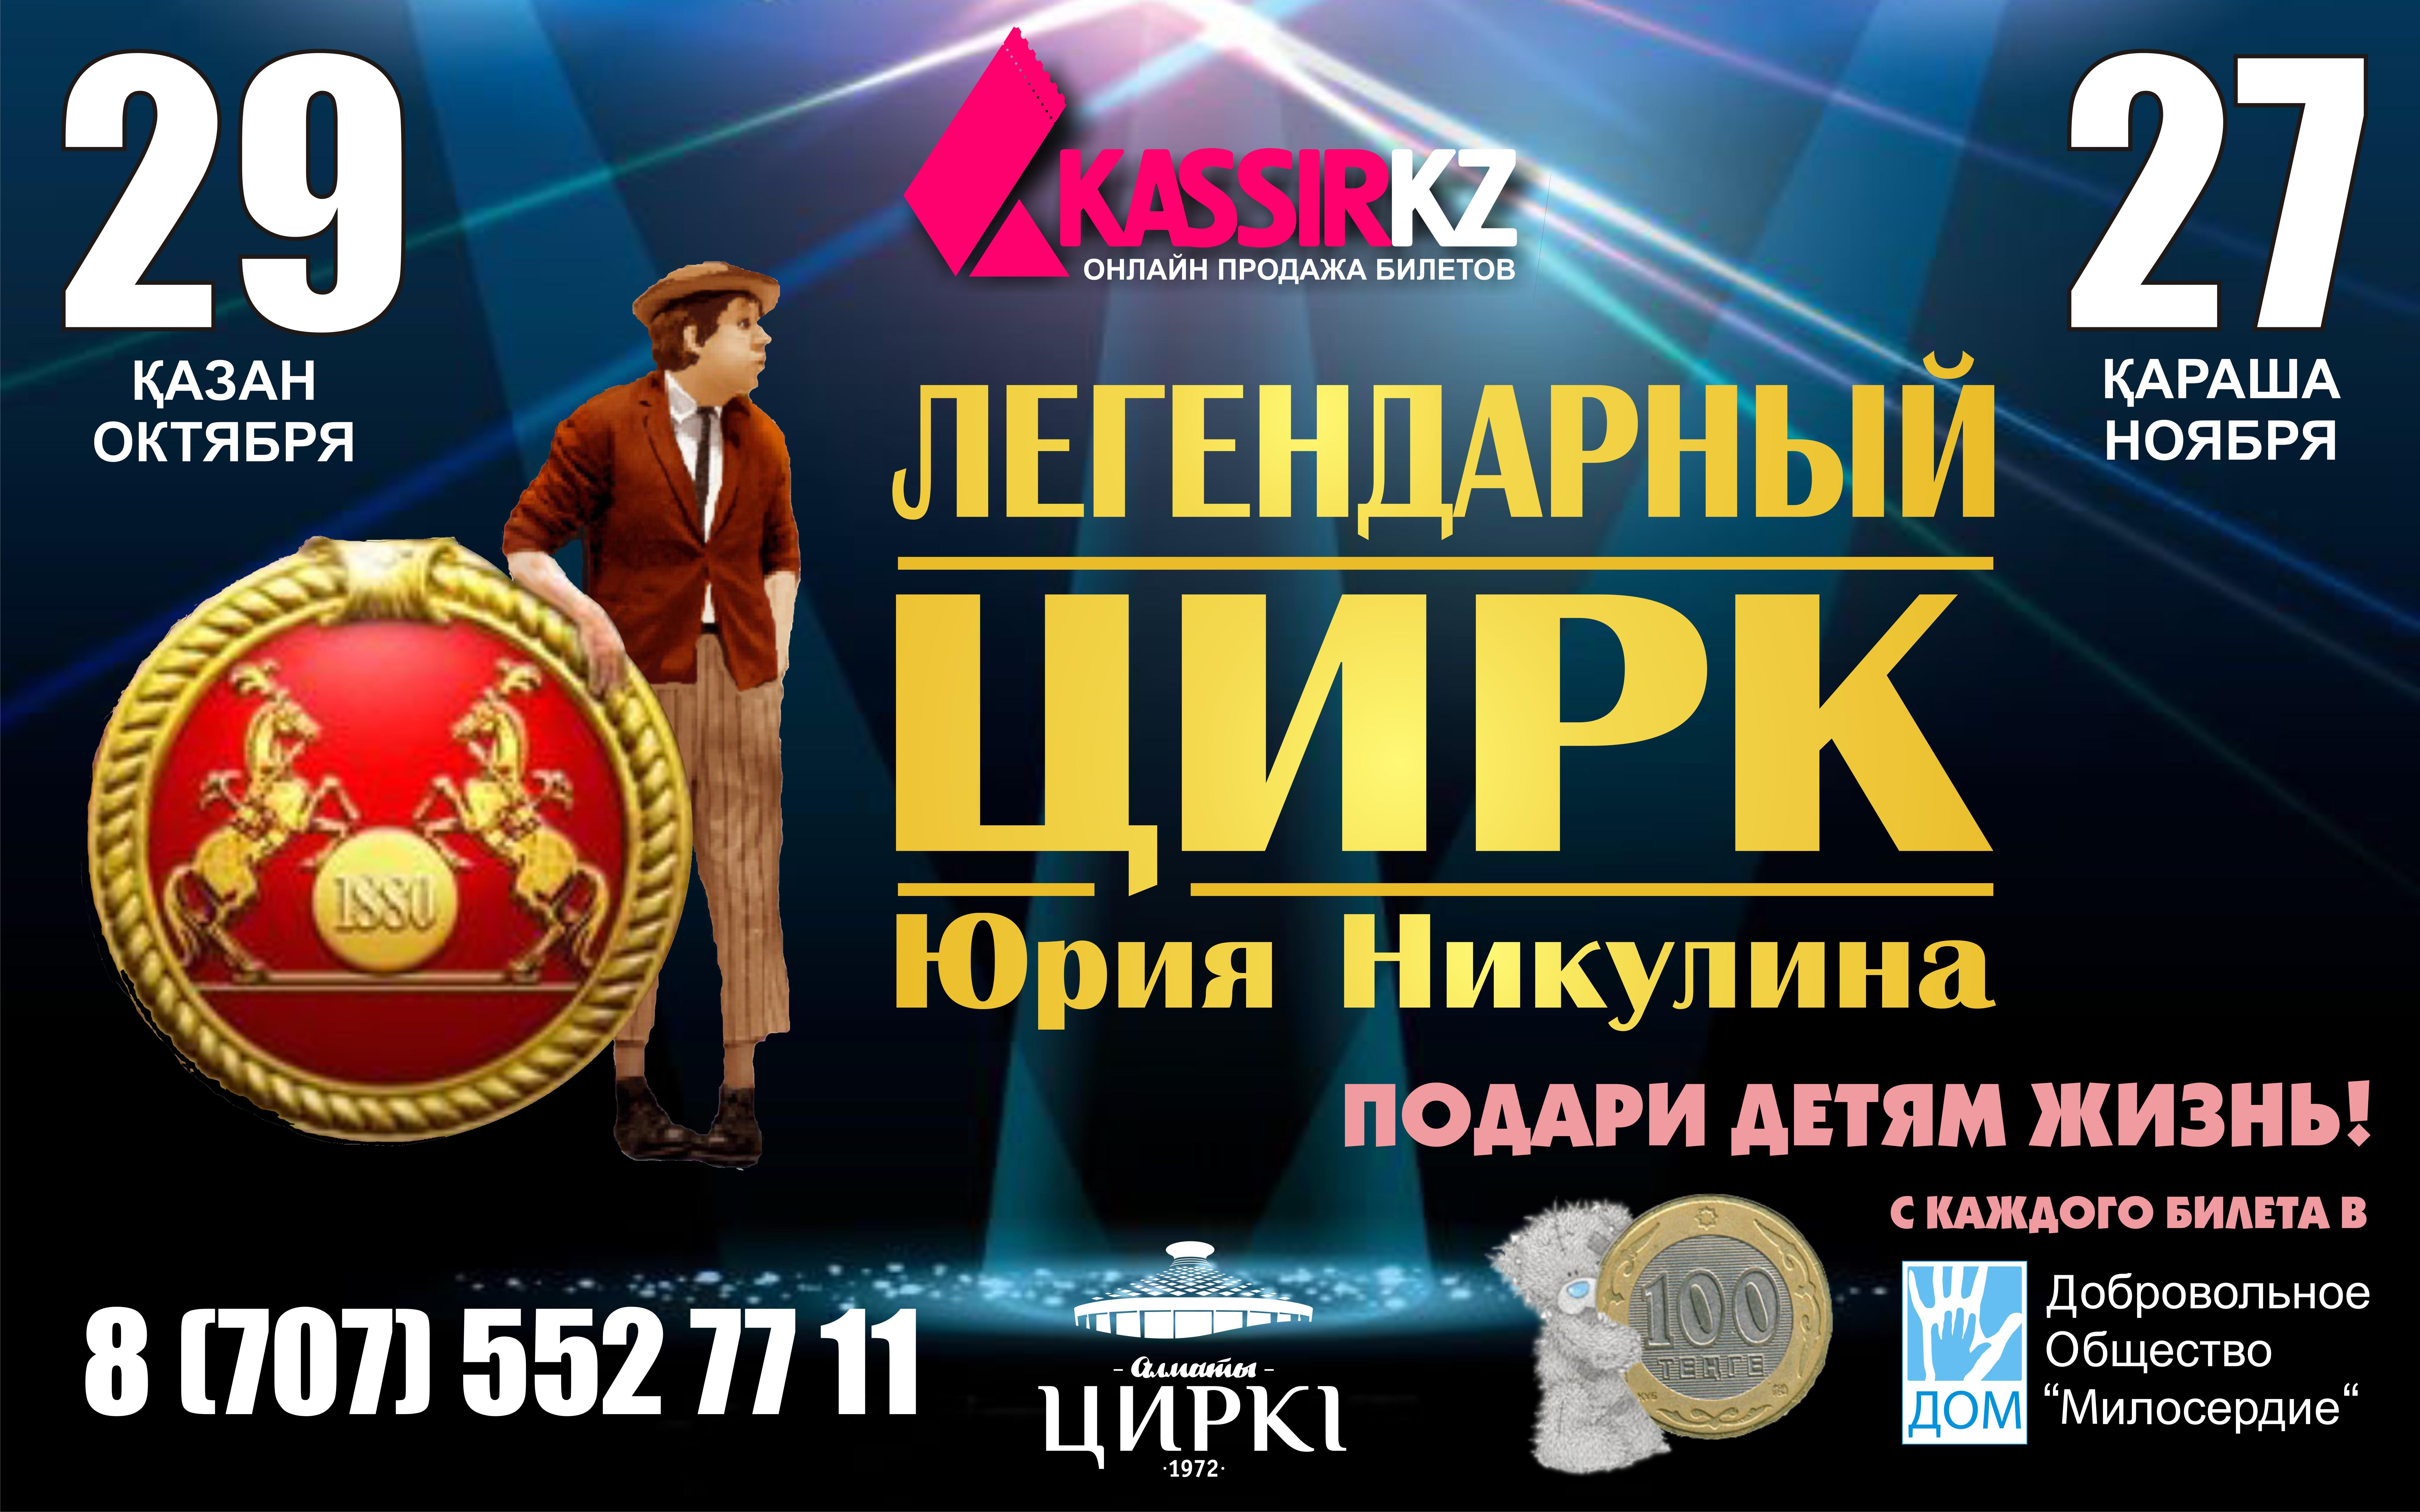 Легендарный цирк Юрия Никулина